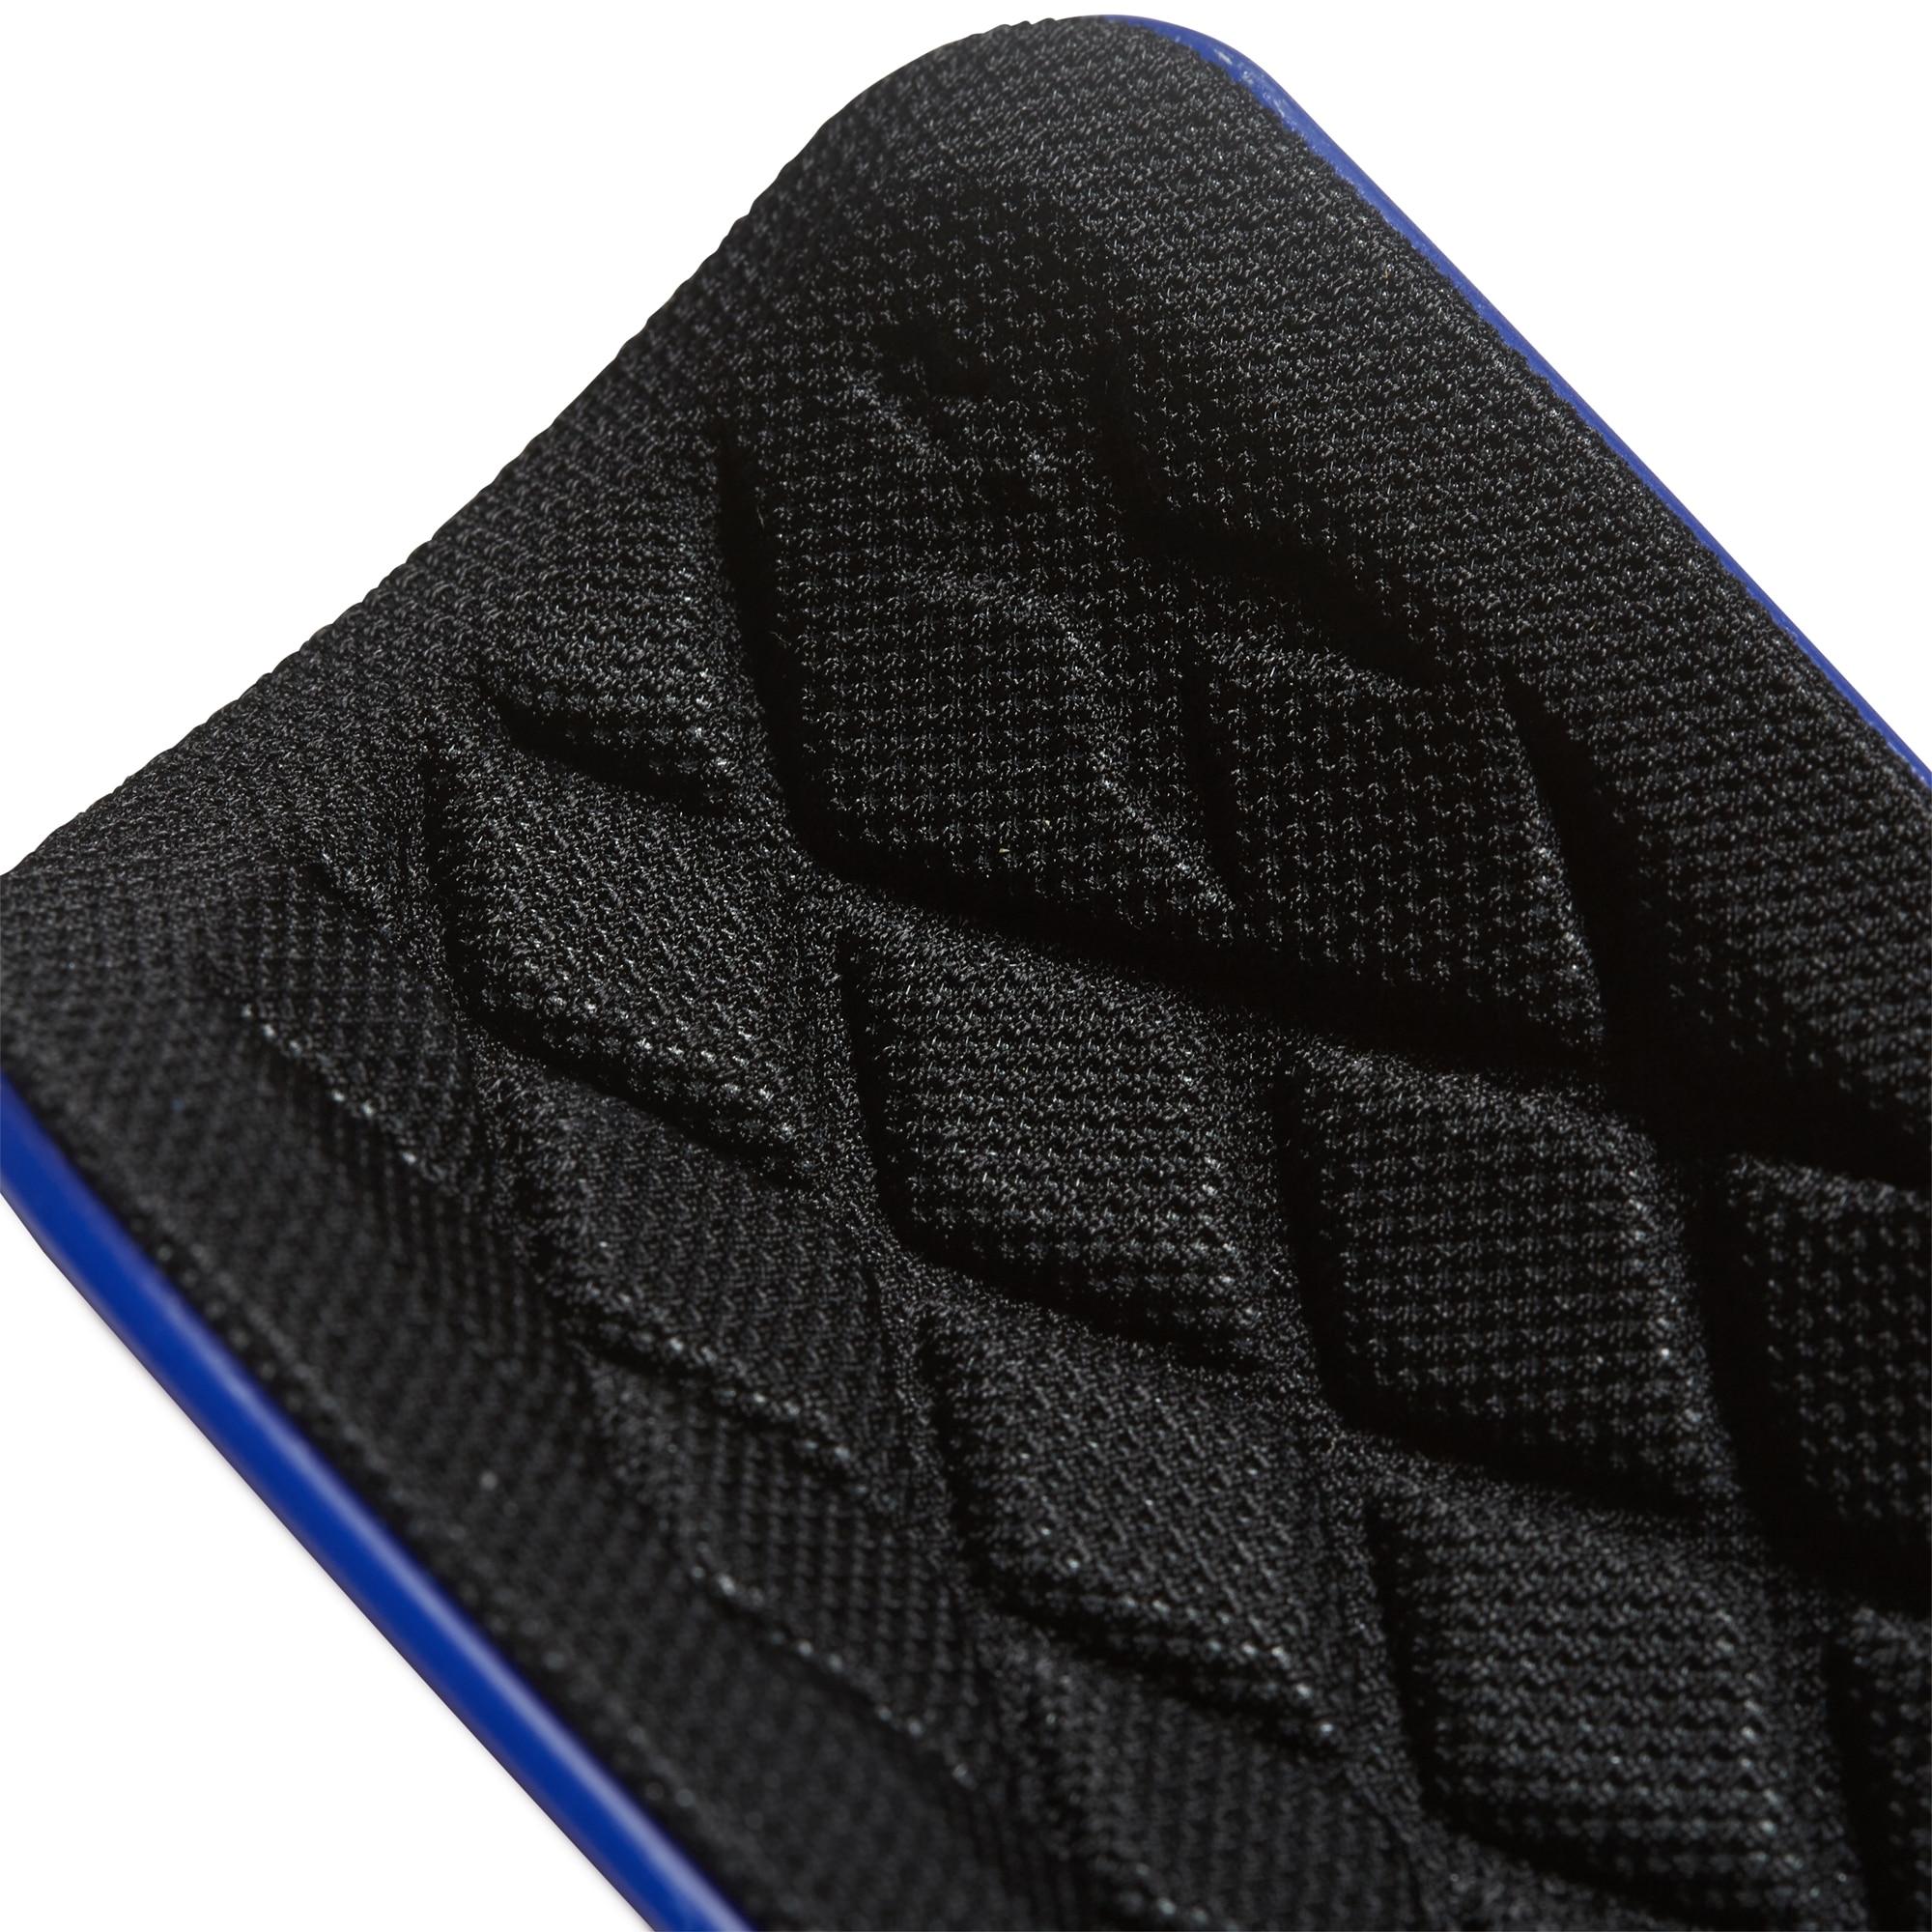 Adidas X Pro Leggskinn Rød/Sort